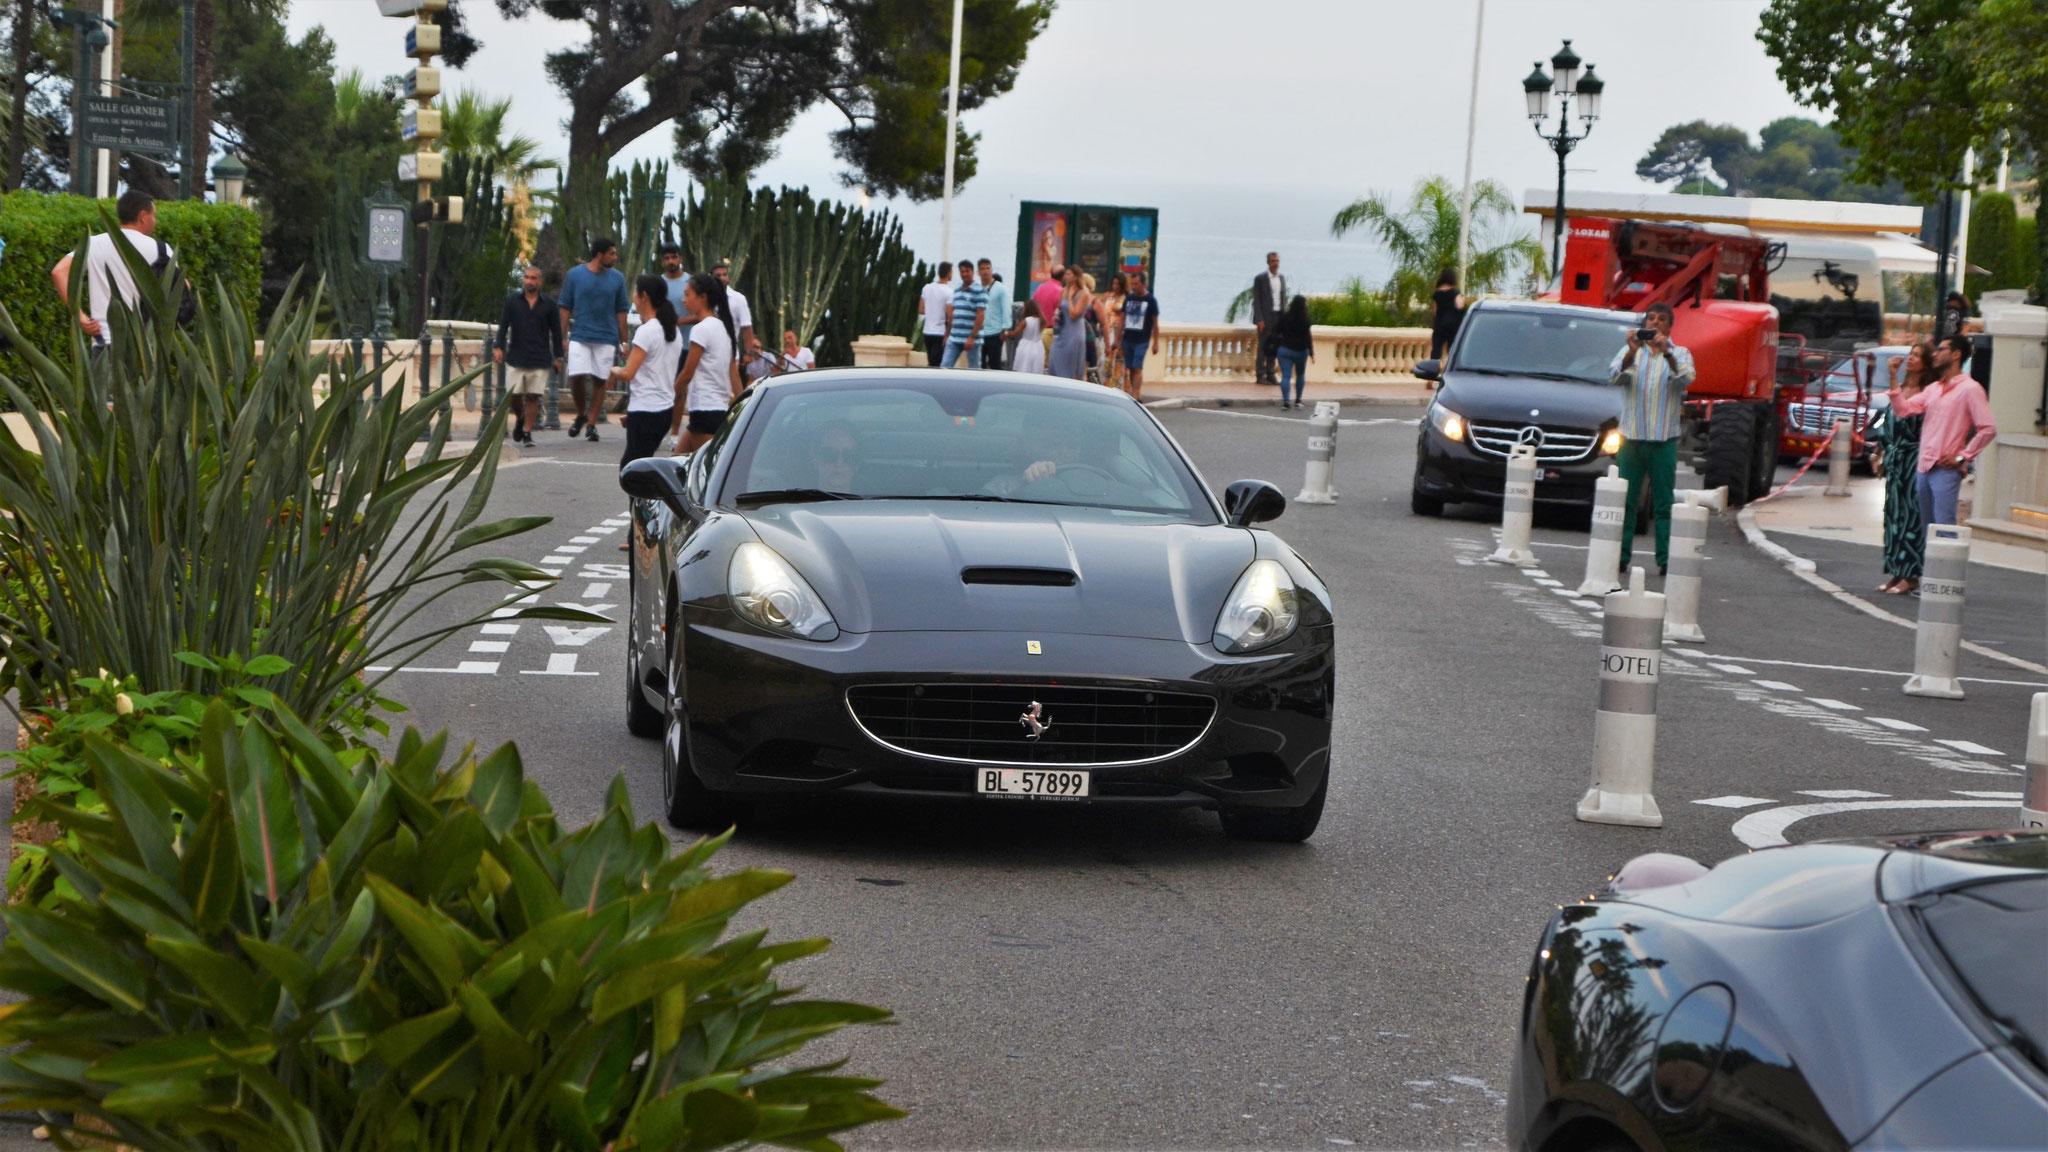 Ferrari California - BL-57899 (CH)